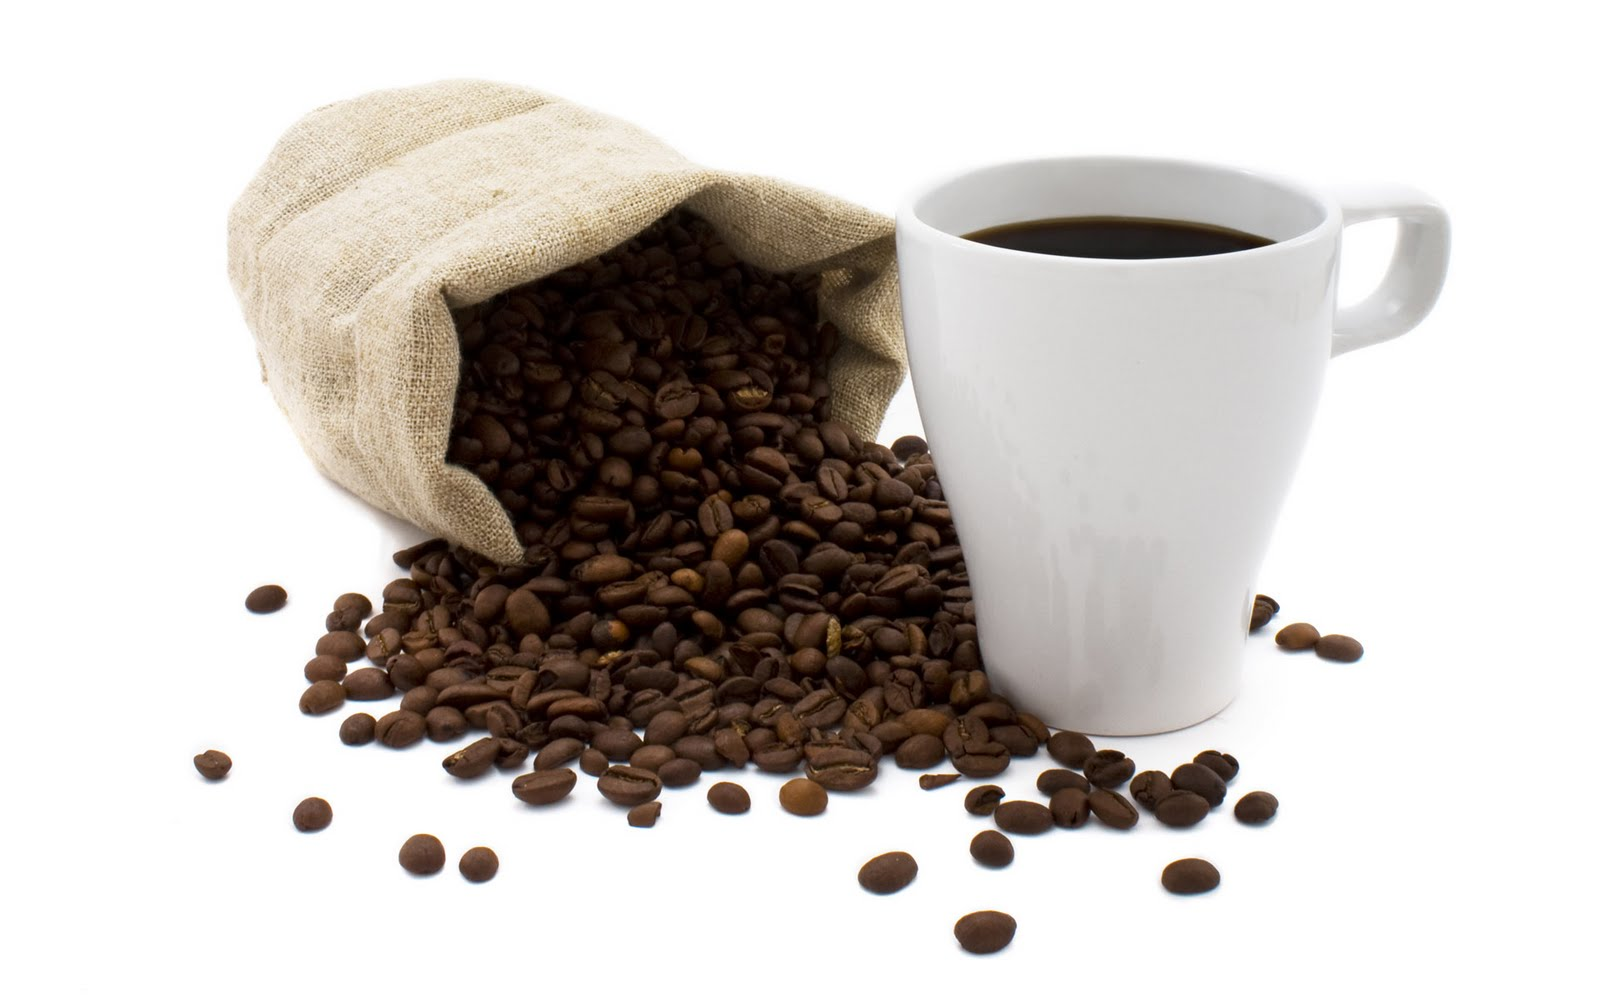 Banco de im genes caf de colombia 21 fotograf as de un elixir ex tico - Bilder cappuccino ...